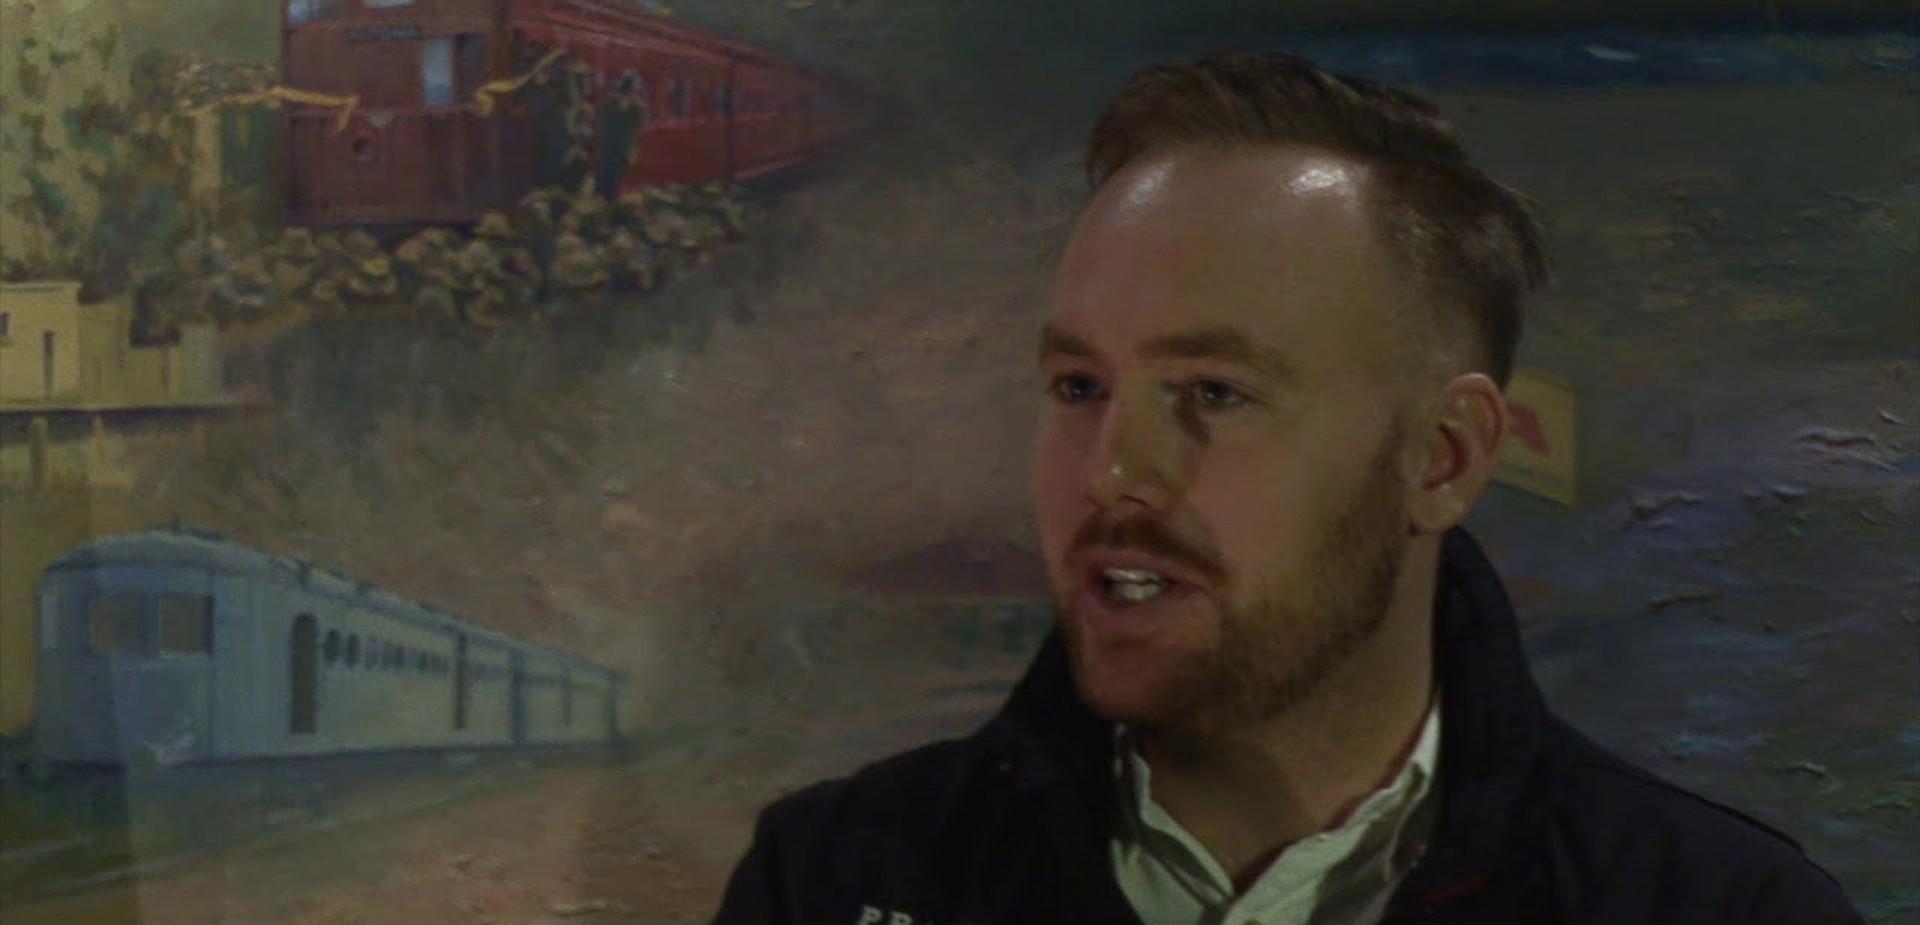 Interview with Aaron Ellis